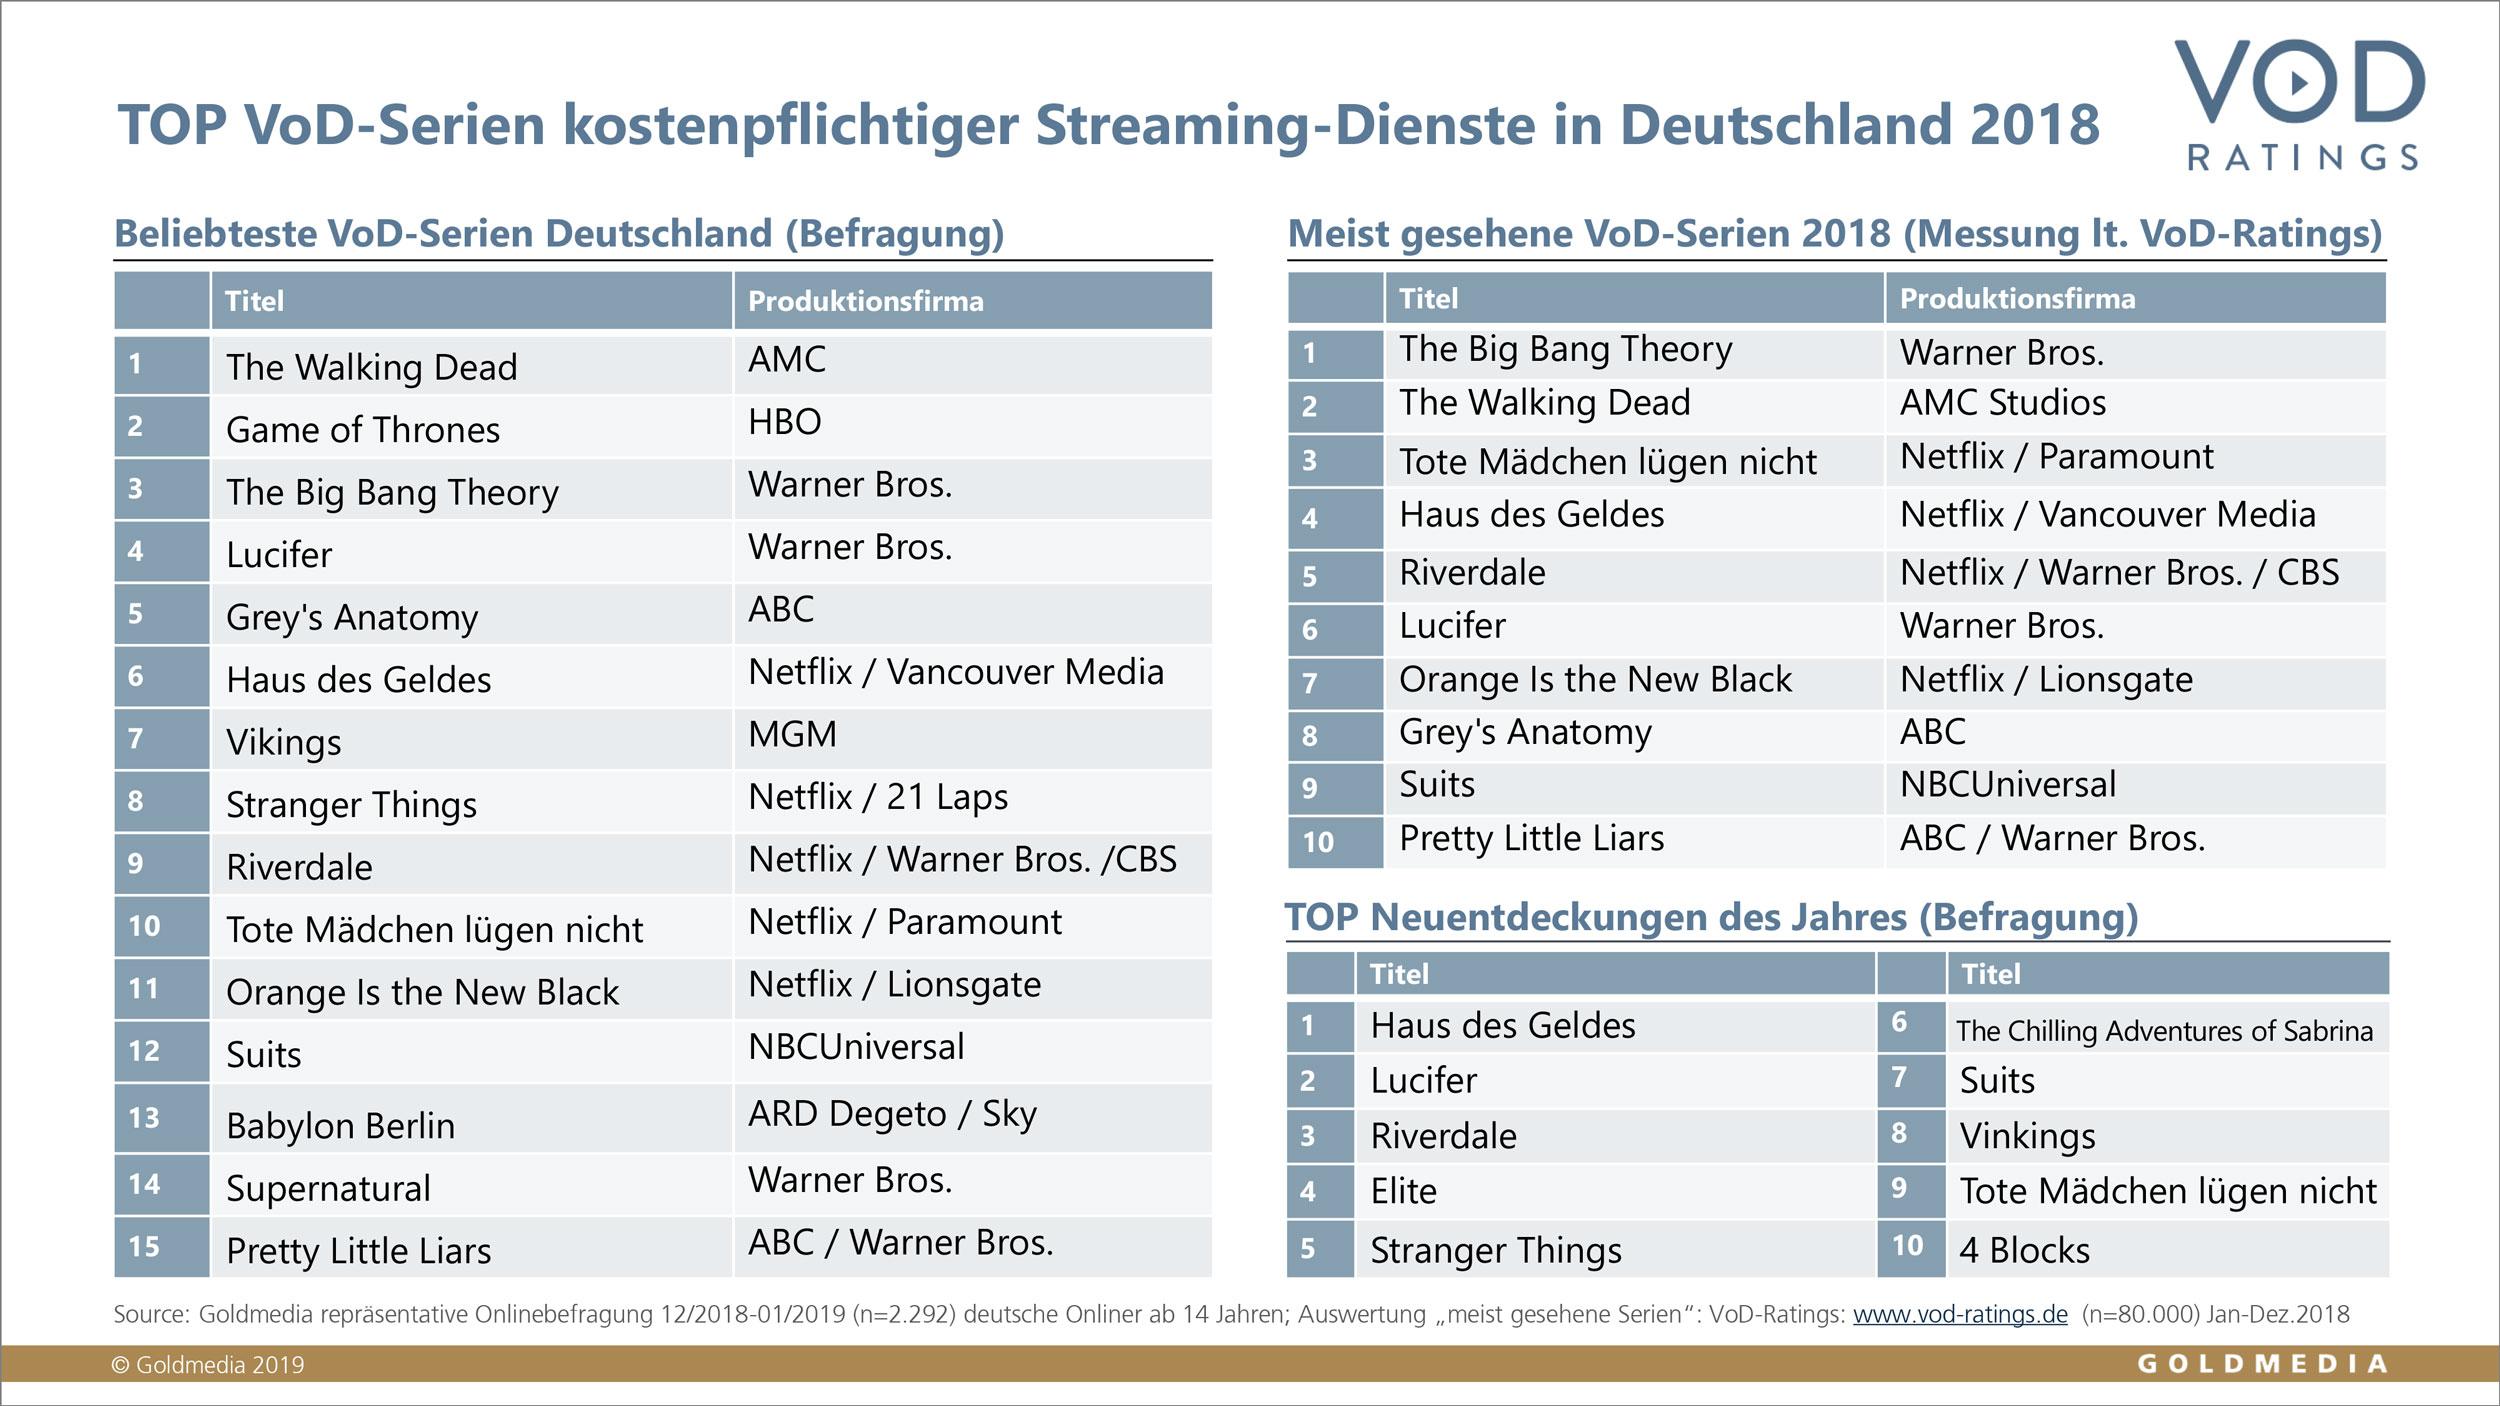 """Deutsche VoD-Nutzer küren """"The Walking Dead"""" zur beliebtesten Serie des Jahres 2018"""